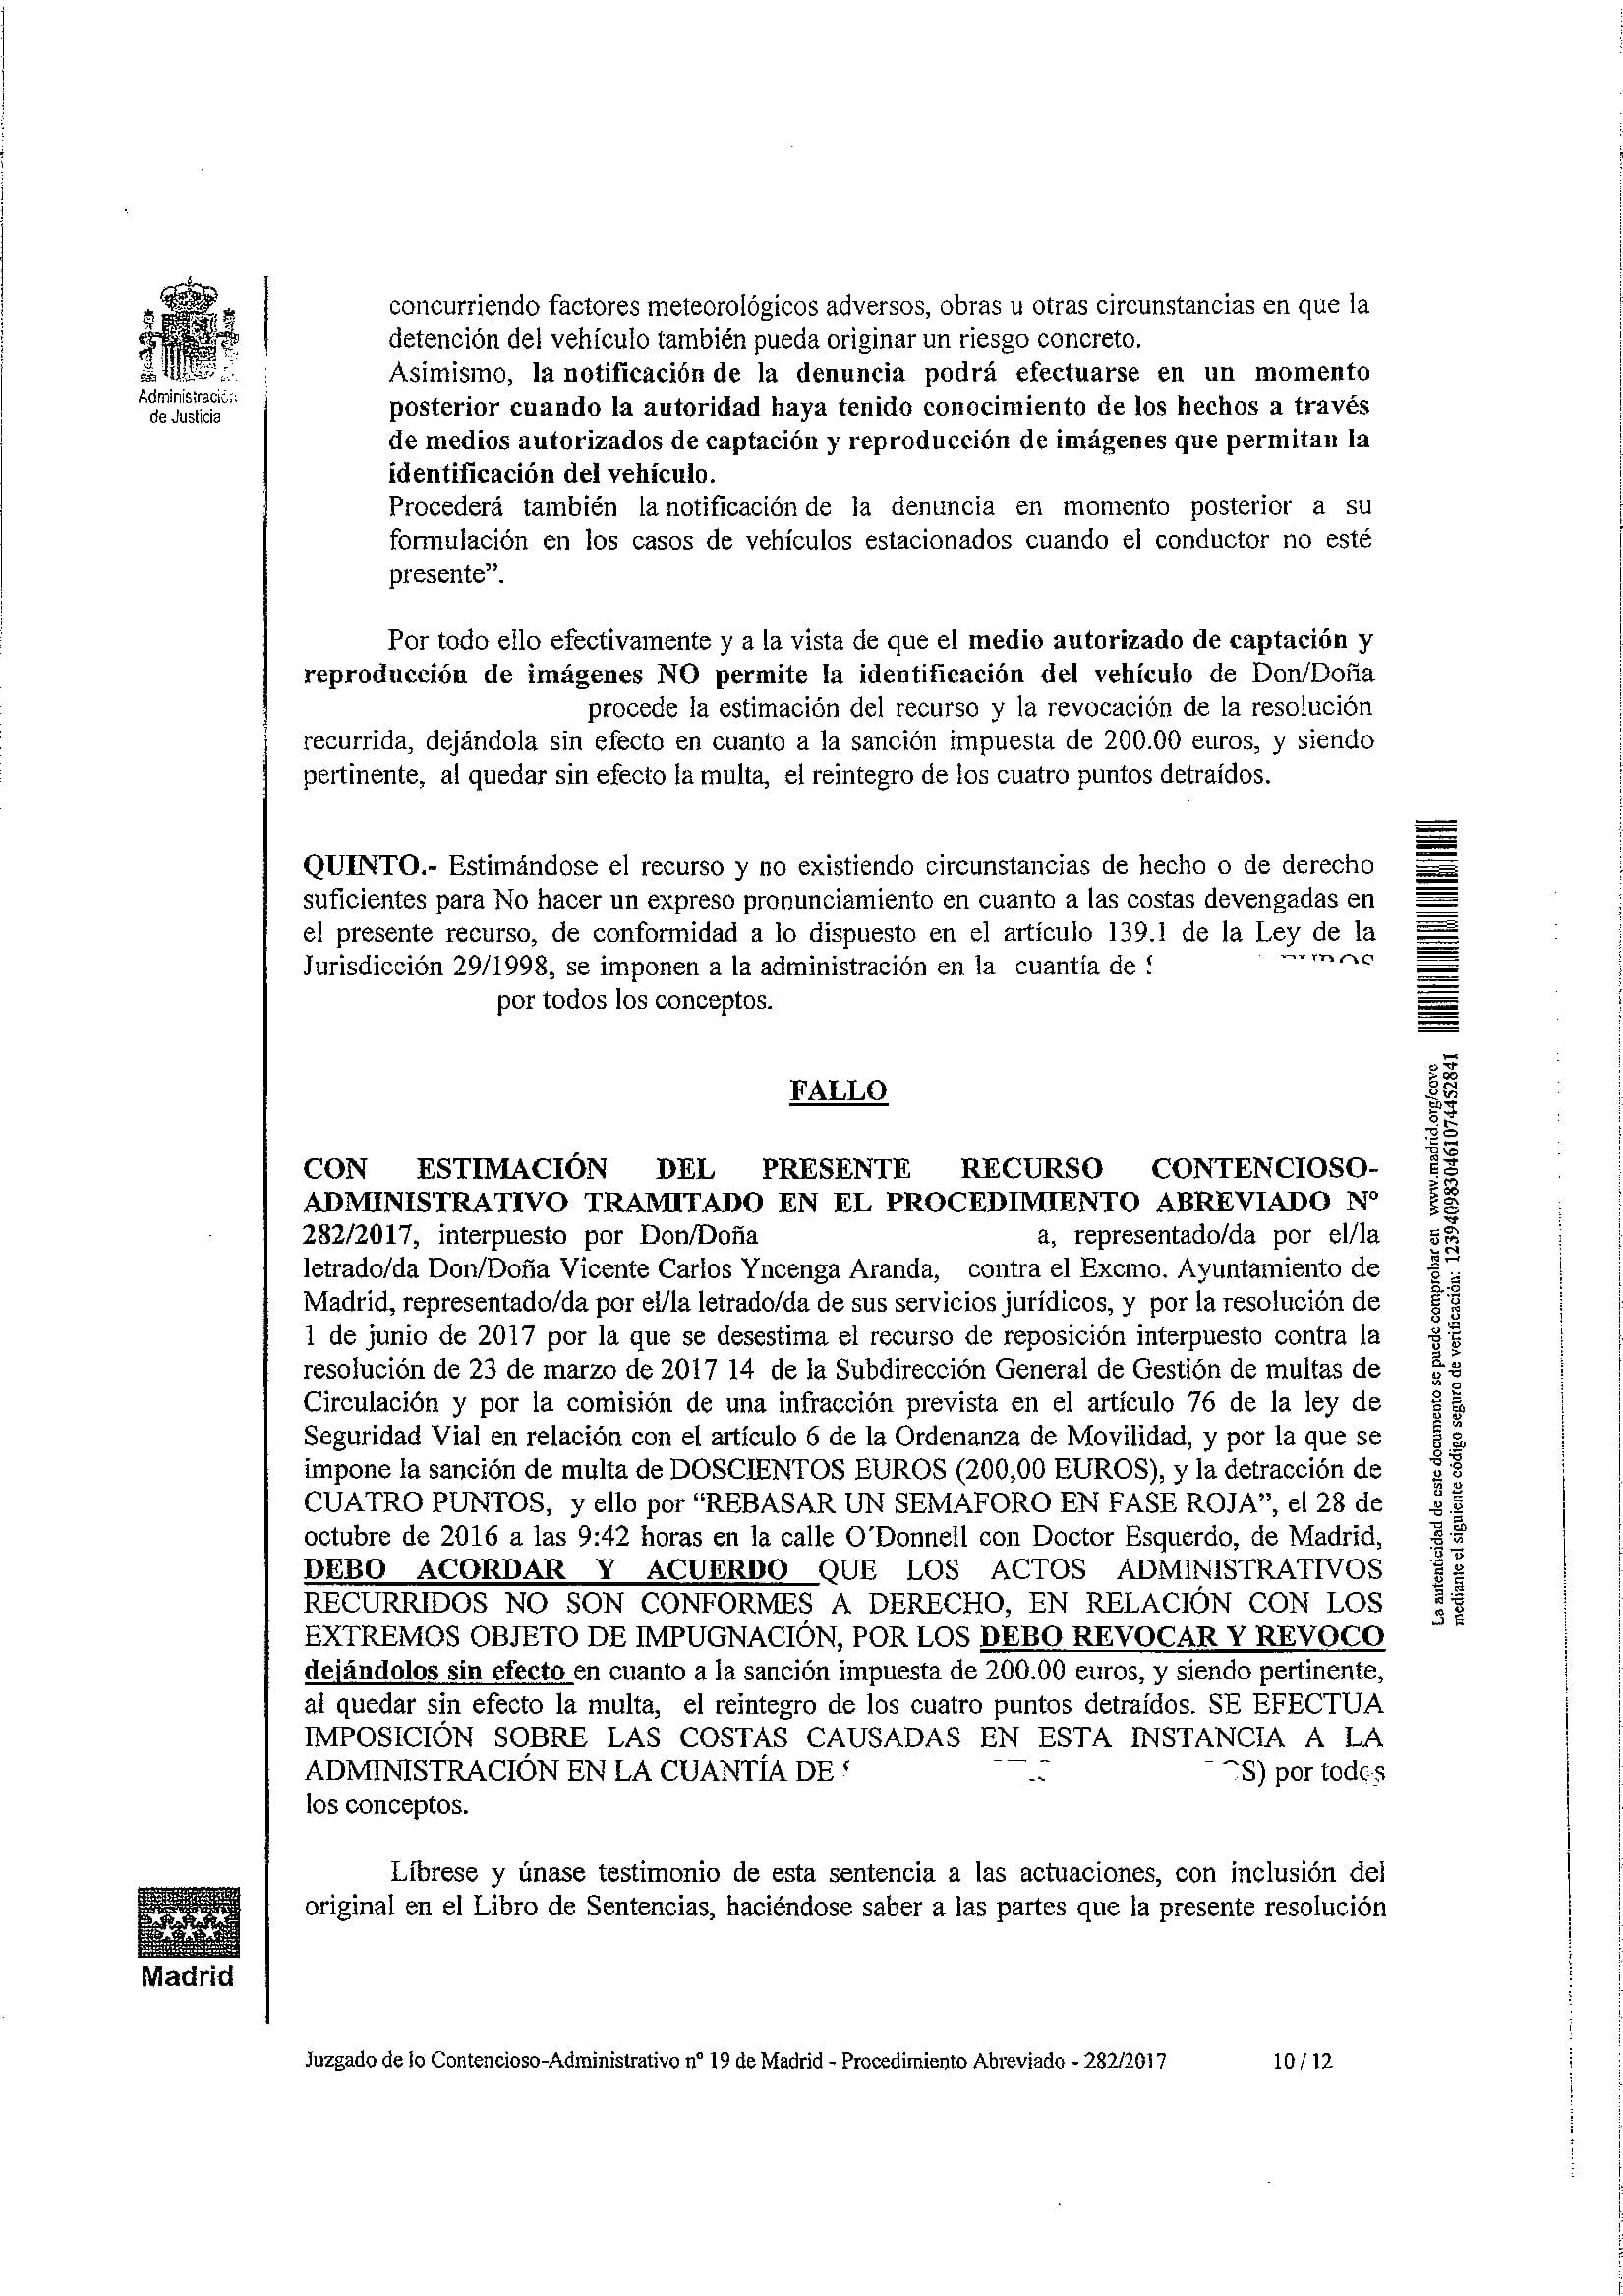 SENTENCIA-SEMAFORO-10